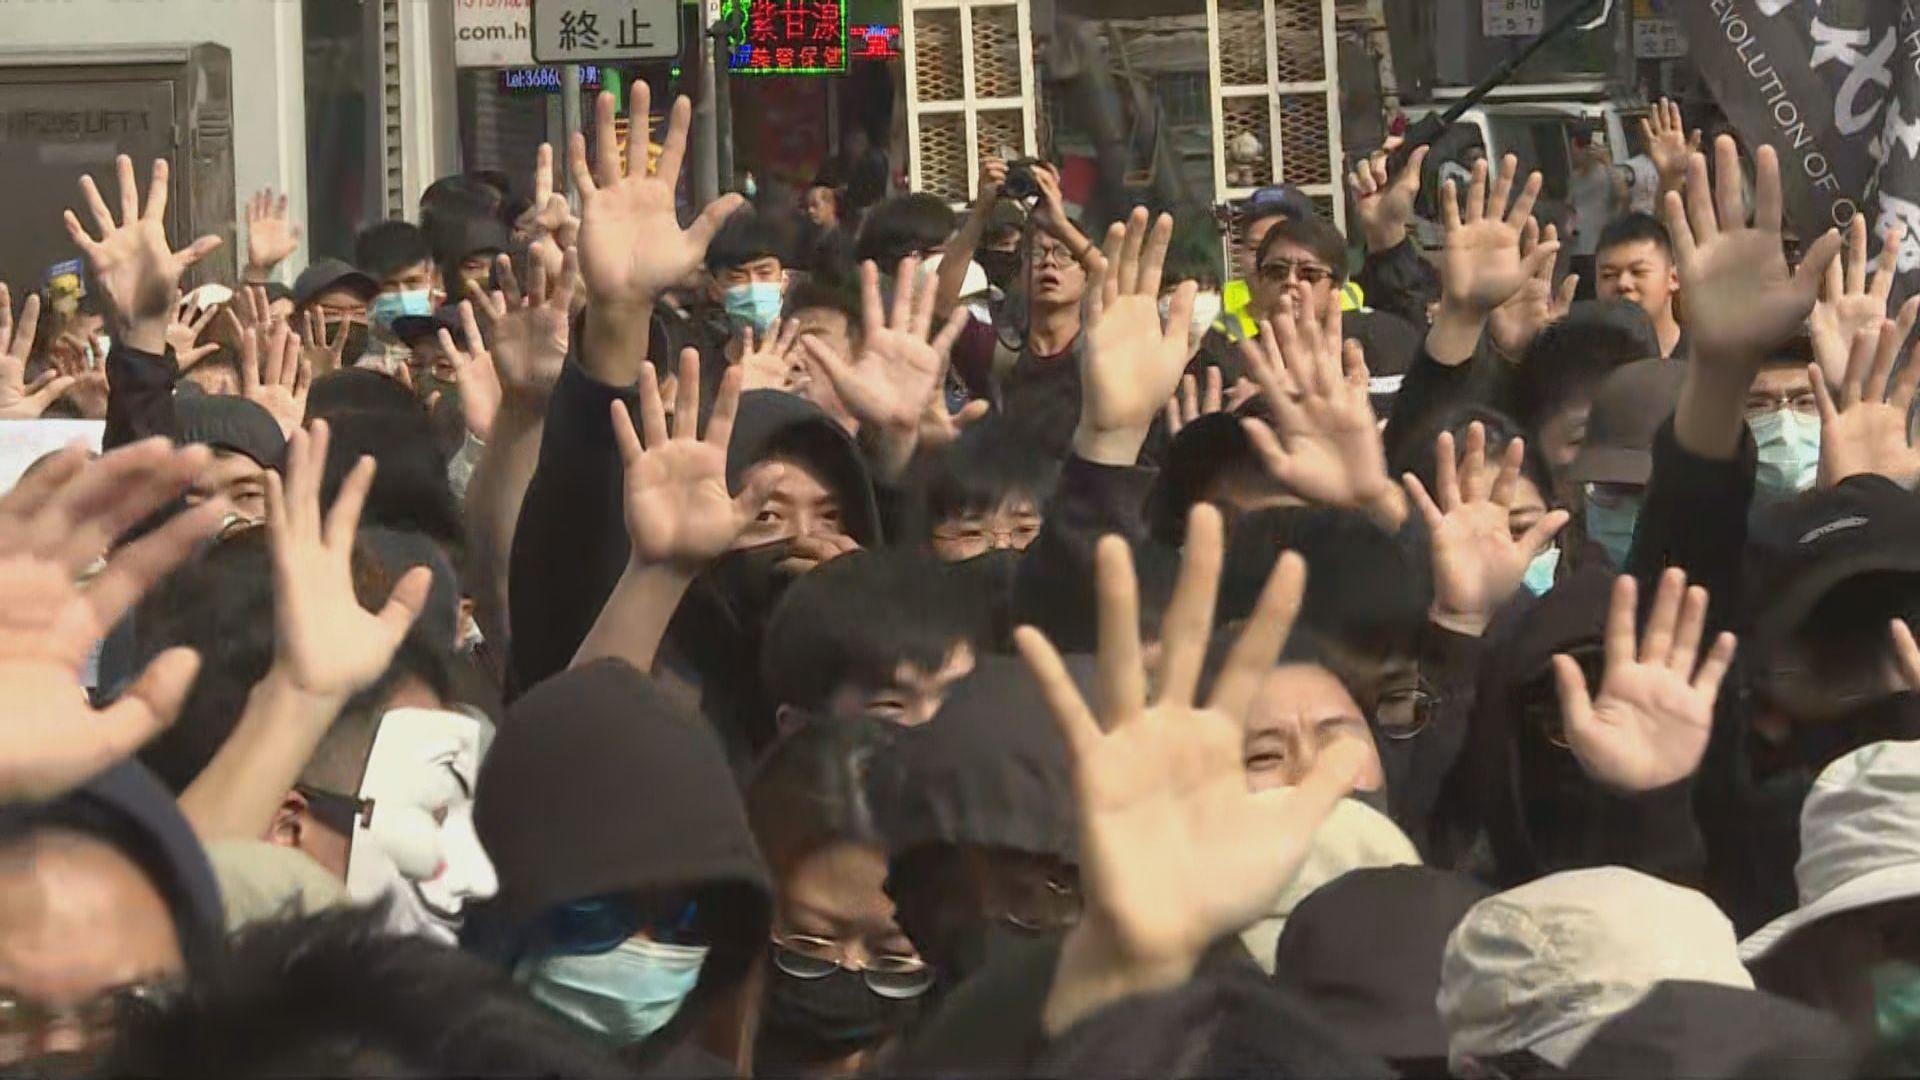 上水遊行抗議水貨問題 主辦方指有一萬人參與遊行